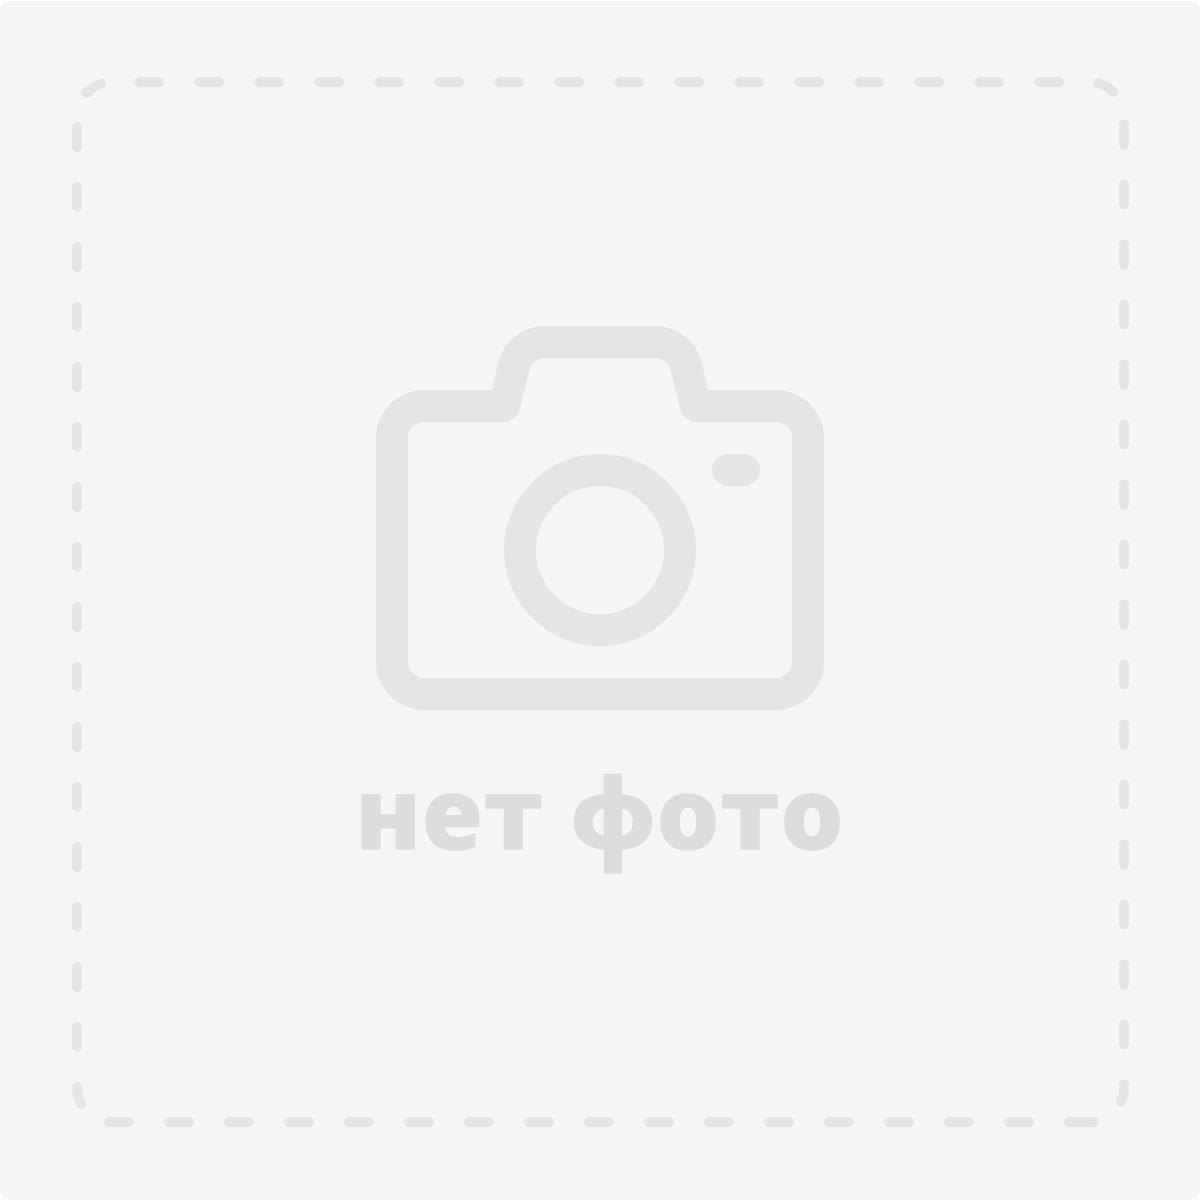 Памятный знак к 60-летию северных конвоев и Памятный знак <nobr>Участник плавания в конвоях</nobr>. Художник — Рудольф Кунников